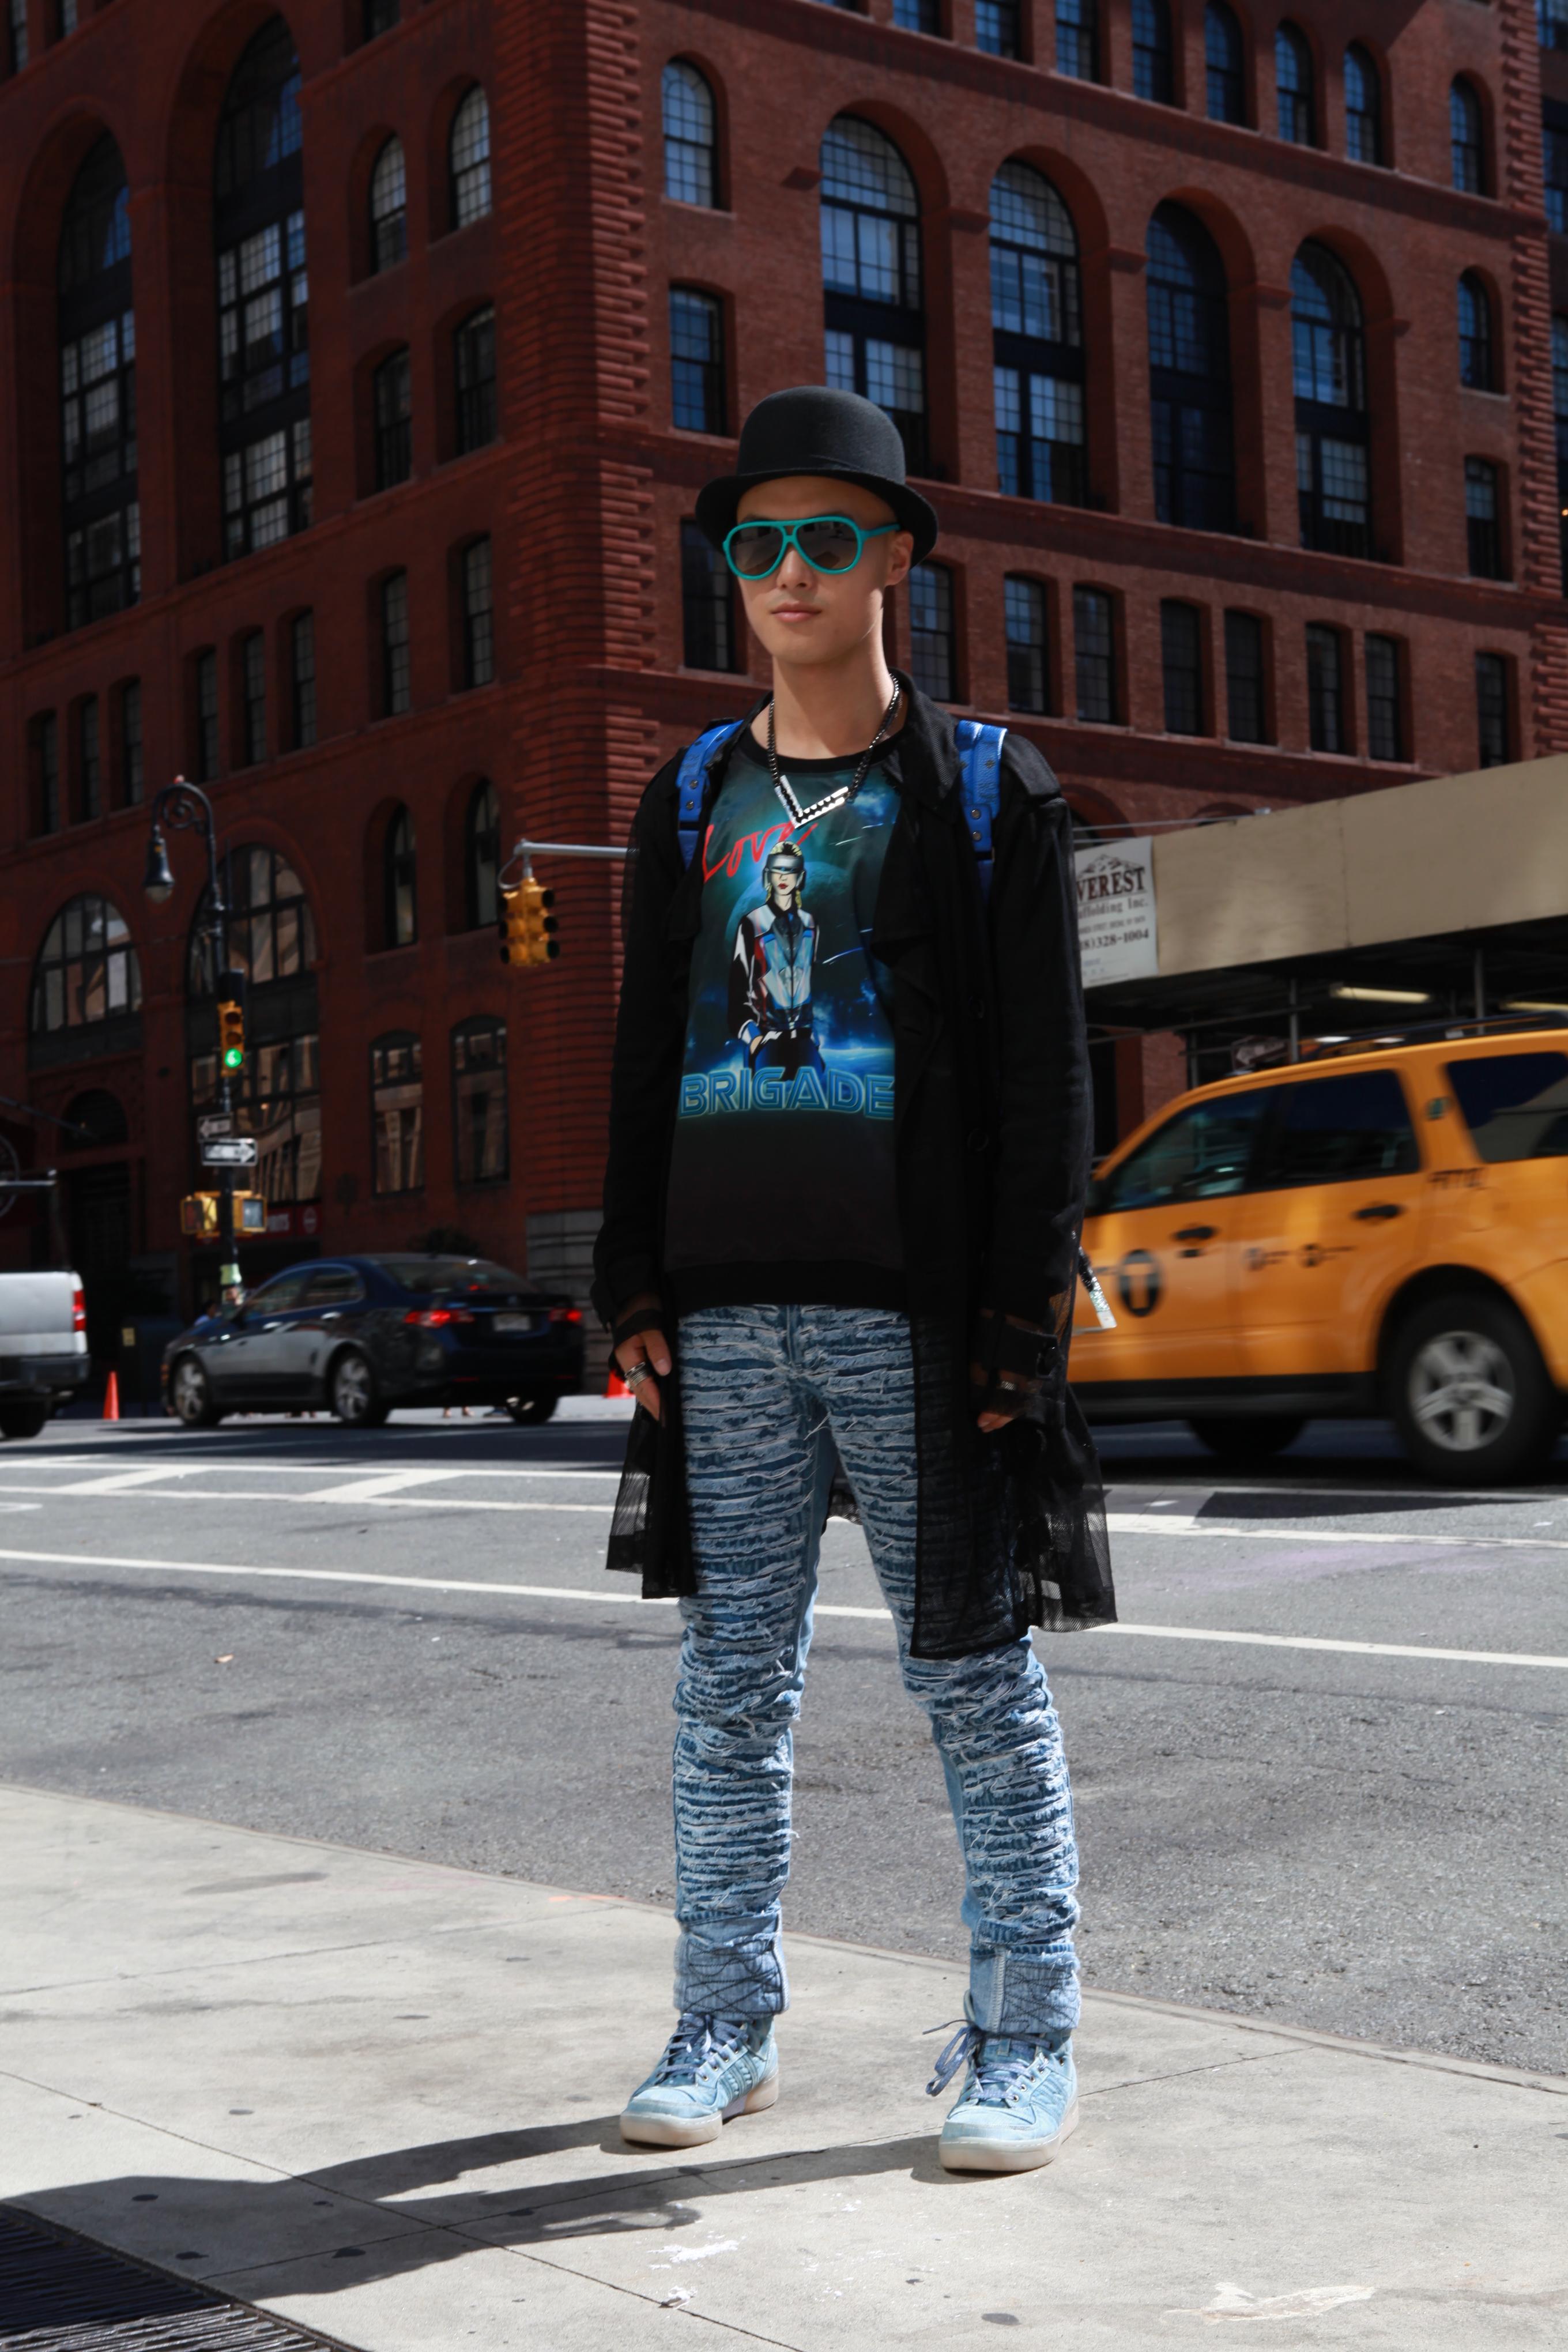 街拍的妹子们裹这么厚还是美 所以怕冷的你还不学? 突然降温的纽约并不能难道热爱时髦的姑娘们,哪怕从头裹到脚可依然看上去不臃肿!大翻领短款呢子大衣不仅保暖还成功的成为了减龄神器,细跟高跟鞋和短款上衣成功的穿出大长腿的效果。本季各大品牌相继推出的皮草单品都一反往常的以明黄、红粉、钴蓝、绛紫、橘黄等缤纷艳丽的色彩出现,彩色皮草从来都是张扬与个性的代言人,好穿保暖谁不爱呢?牛仔连身裤与卡其大衣的搭配,青春活力也不减温度。一双简单的小白鞋,一个同色系的手提包,以及镜框蓝色的呼应,无处不彰显着姑娘们爱美的小心机呀!白